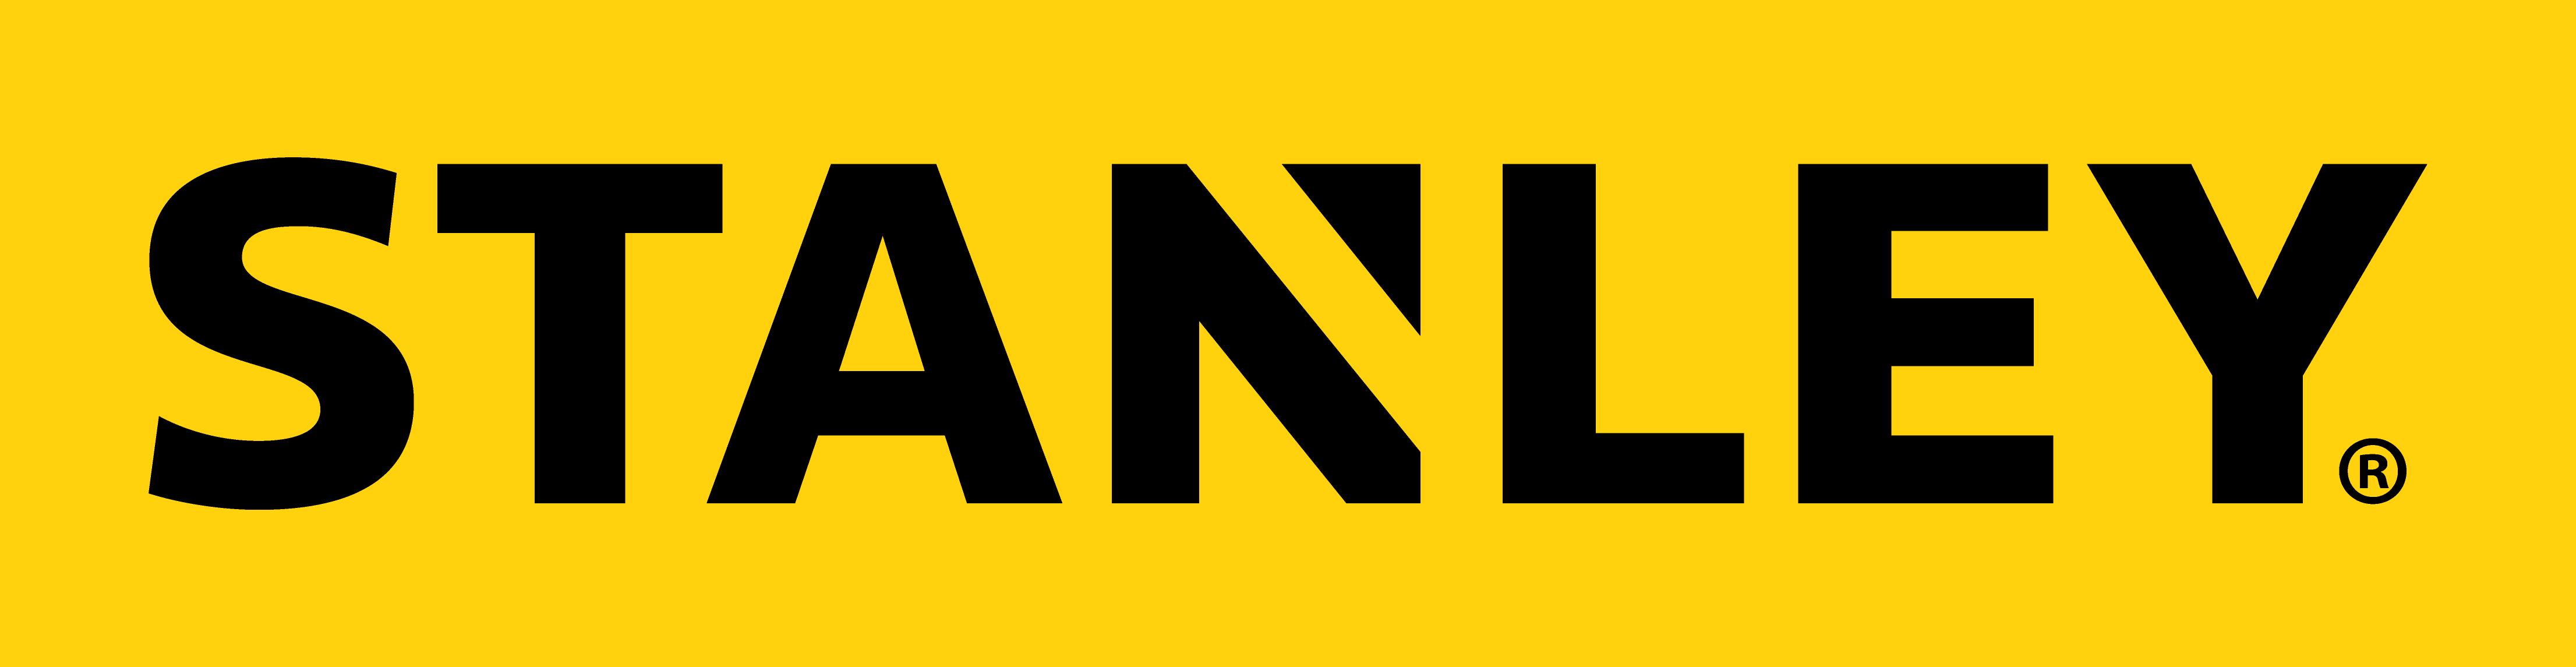 Customer Logo #2 of Predik Data-driven